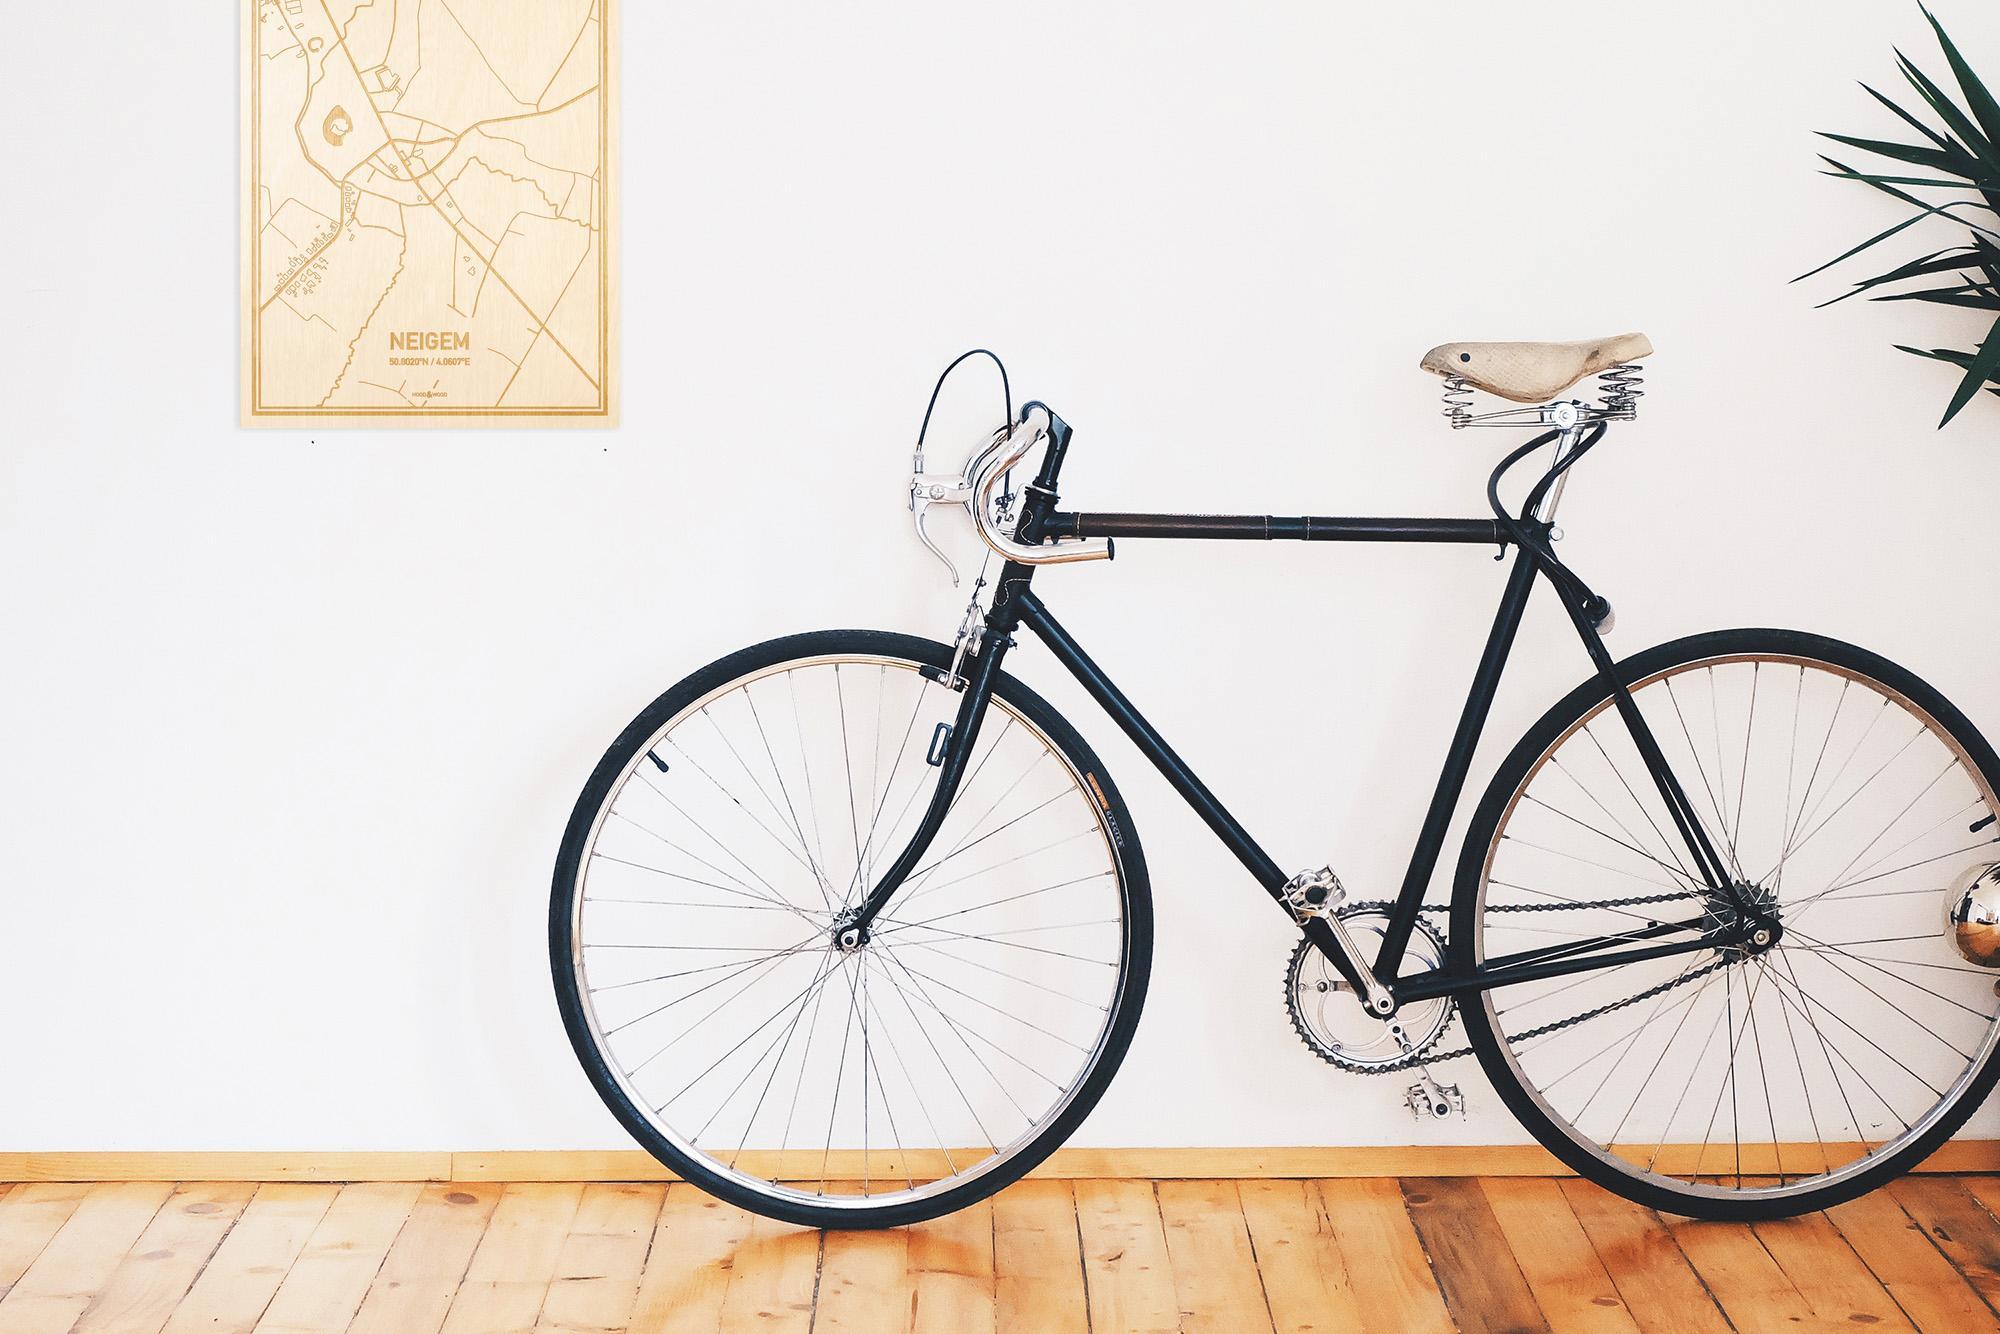 Een snelle fiets in een uniek interieur in Oost-Vlaanderen  met mooie decoratie zoals de plattegrond Neigem.